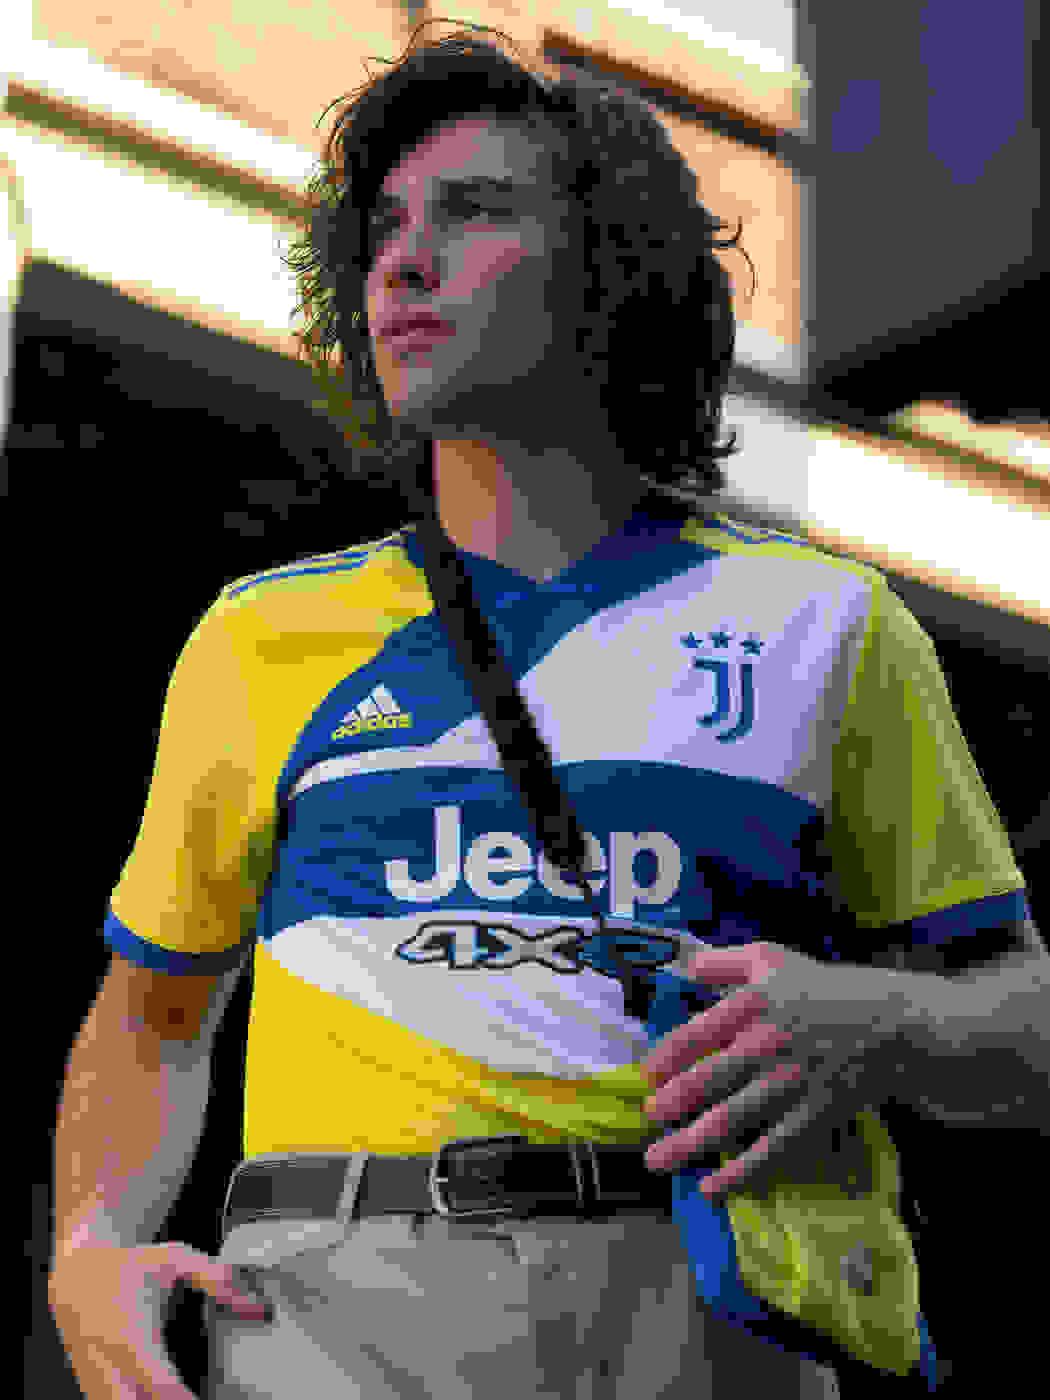 A male fan wearing the Juventus Third kit